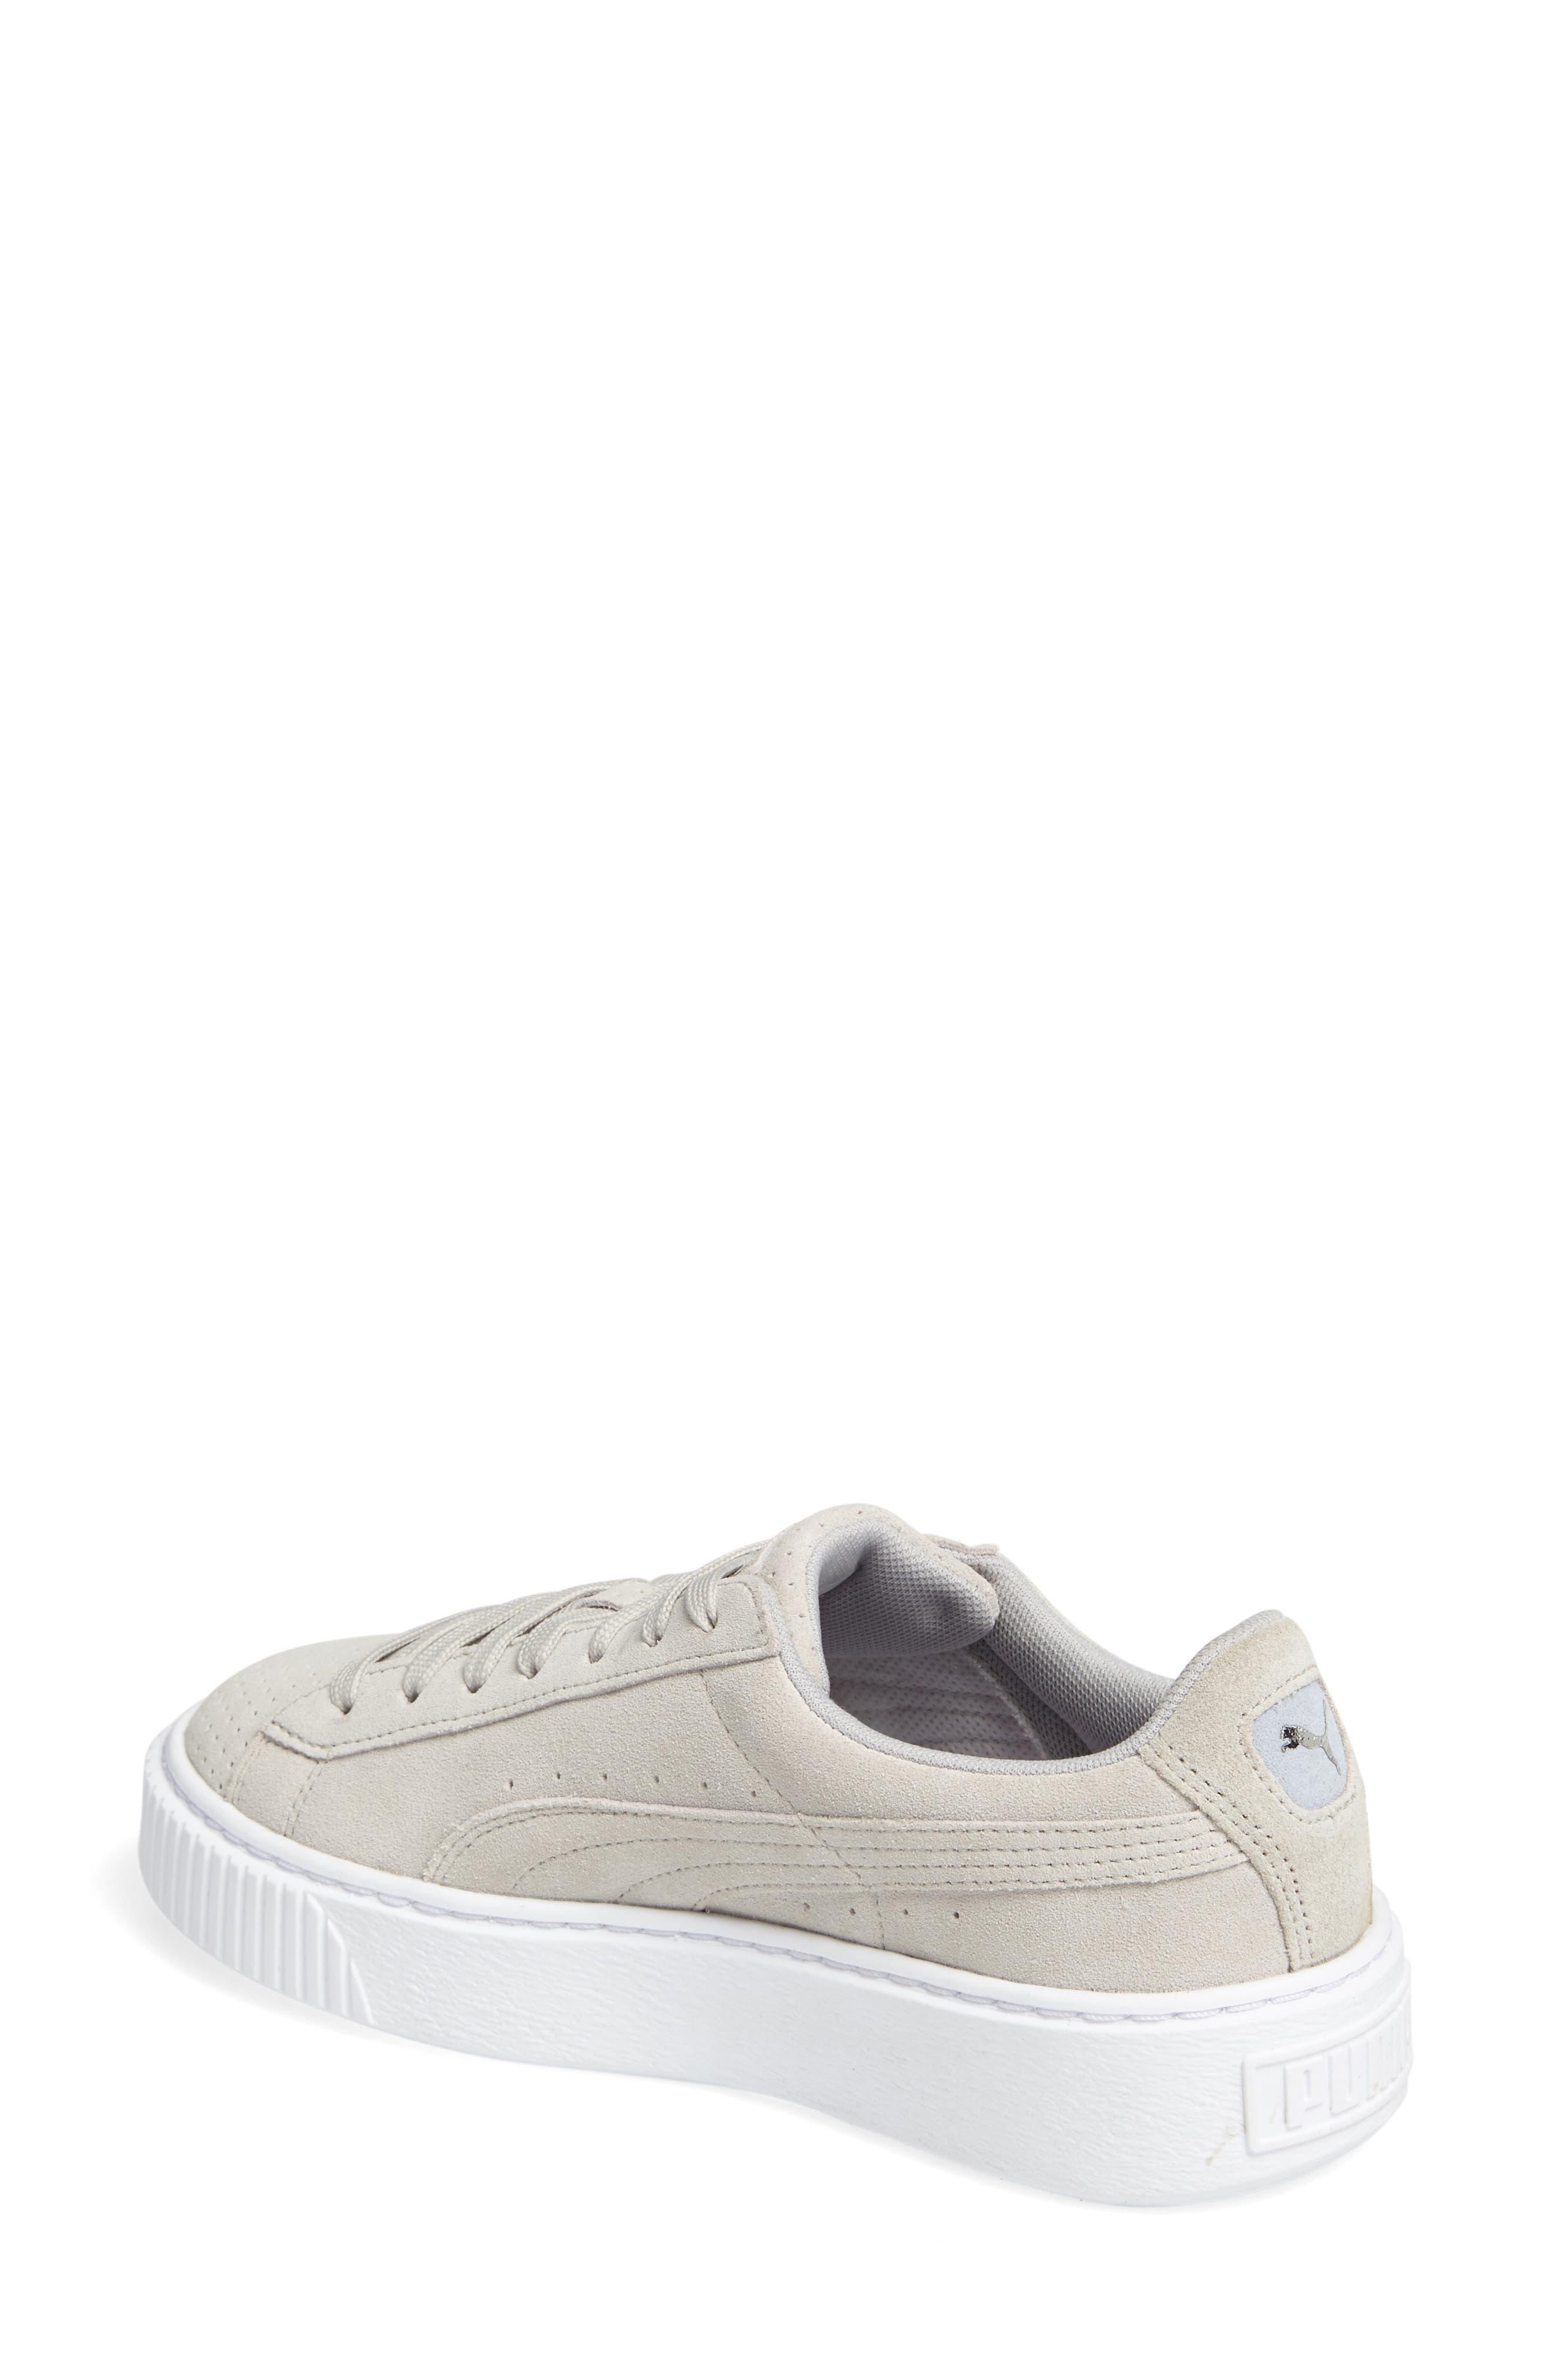 Basket Platform Sneaker,                             Alternate thumbnail 3, color,                             Grey Violet/ Silver